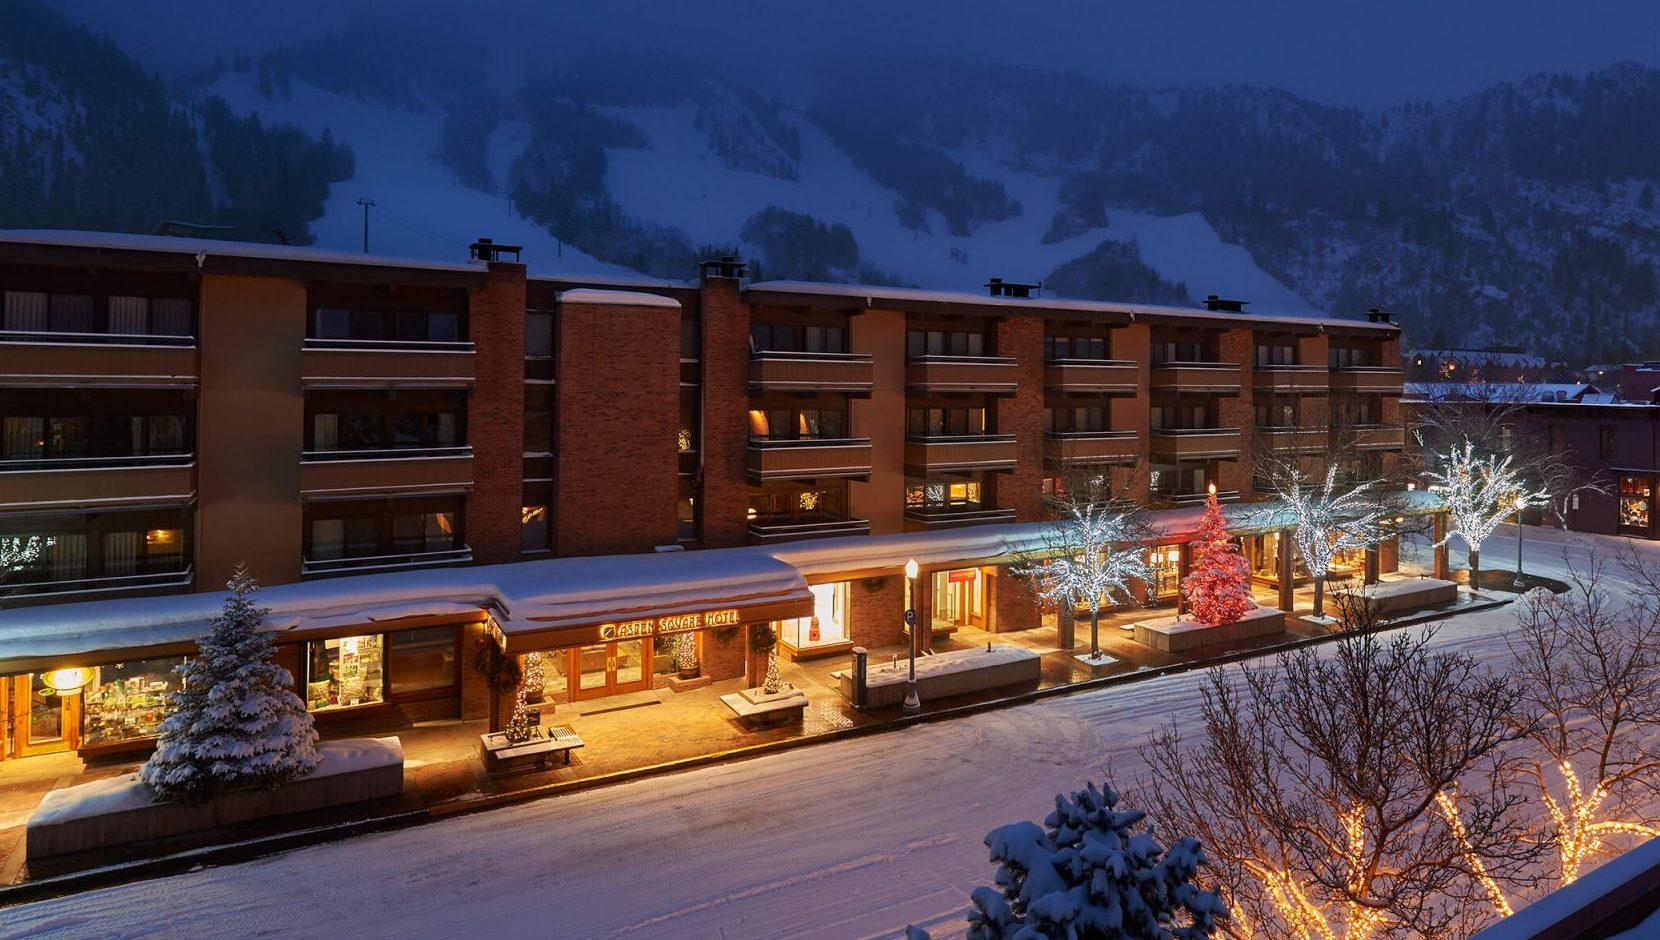 aspen square hotel